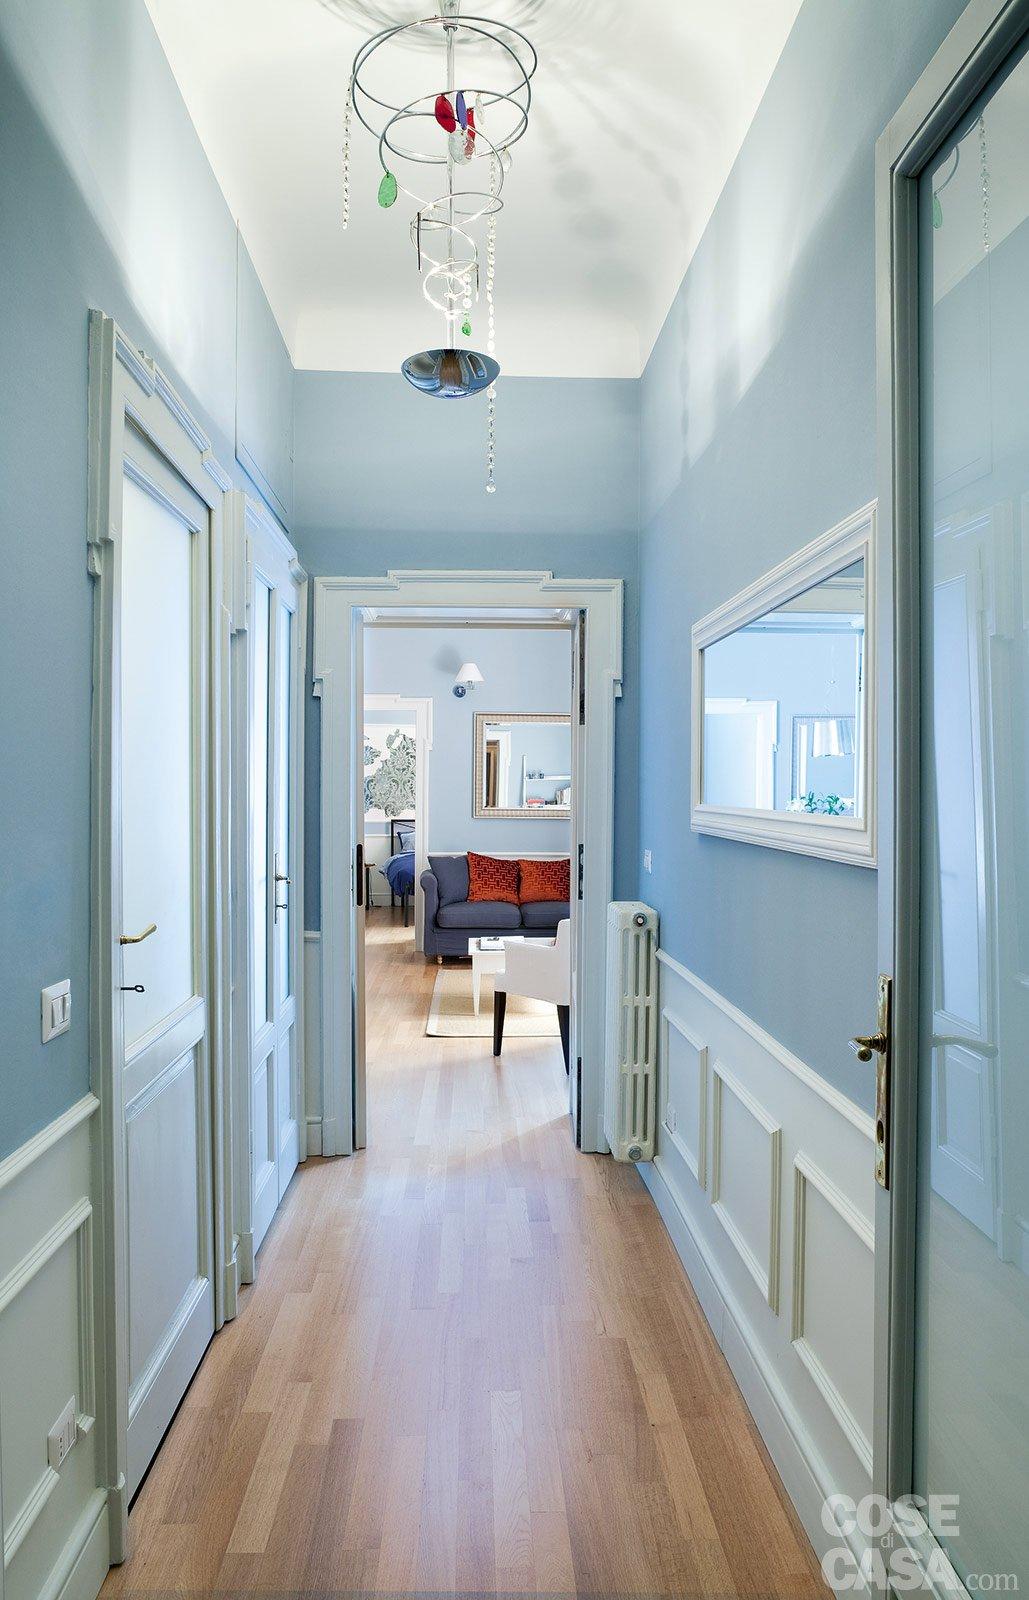 Corridoio lungo e buio design casa creativa e mobili - Mobili per corridoio ...